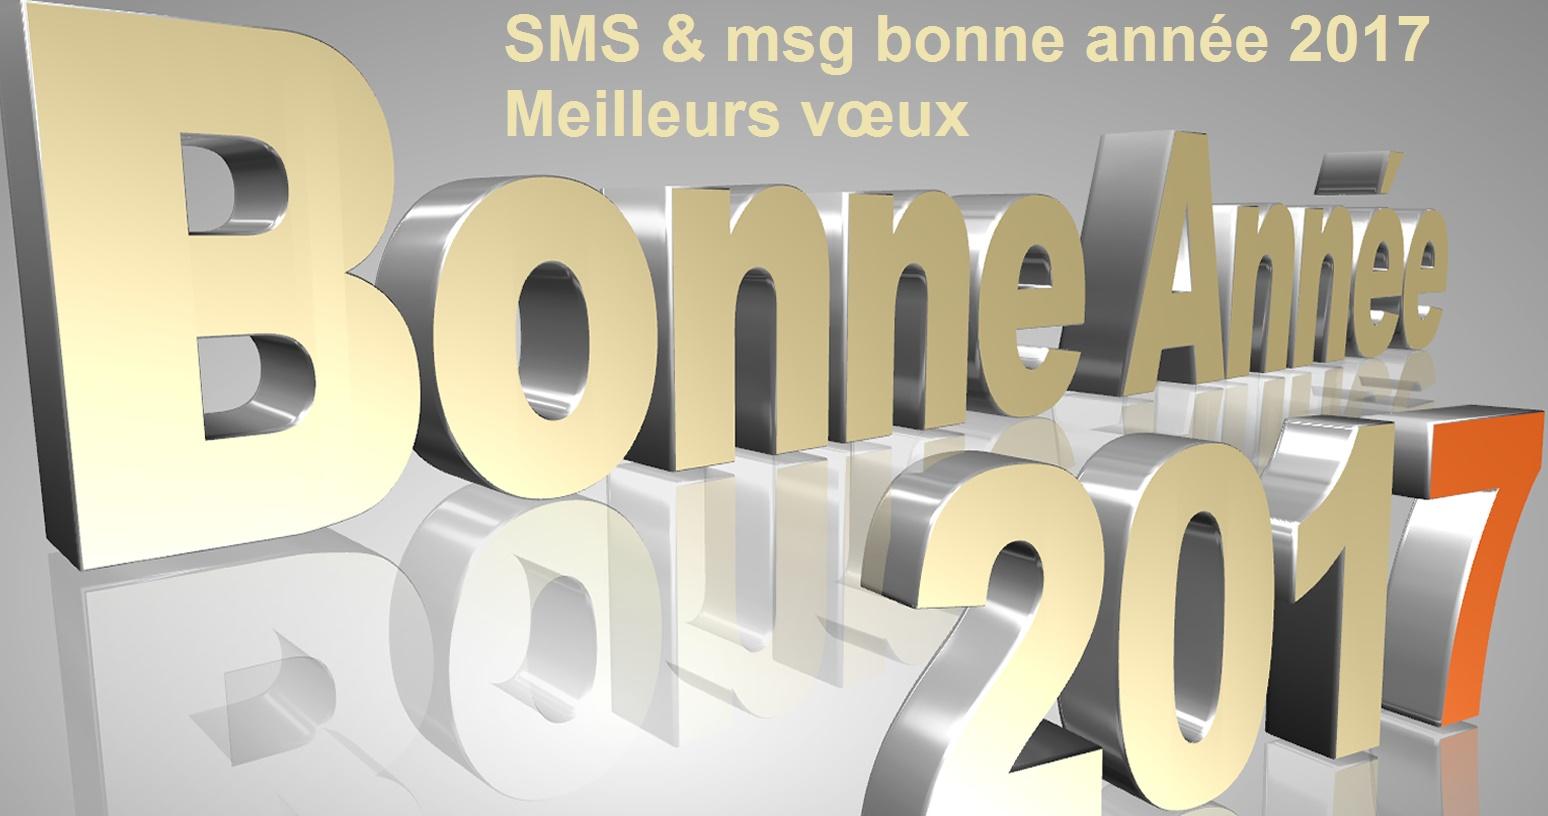 SMS & msg bonne année 2017 Meilleurs vœux